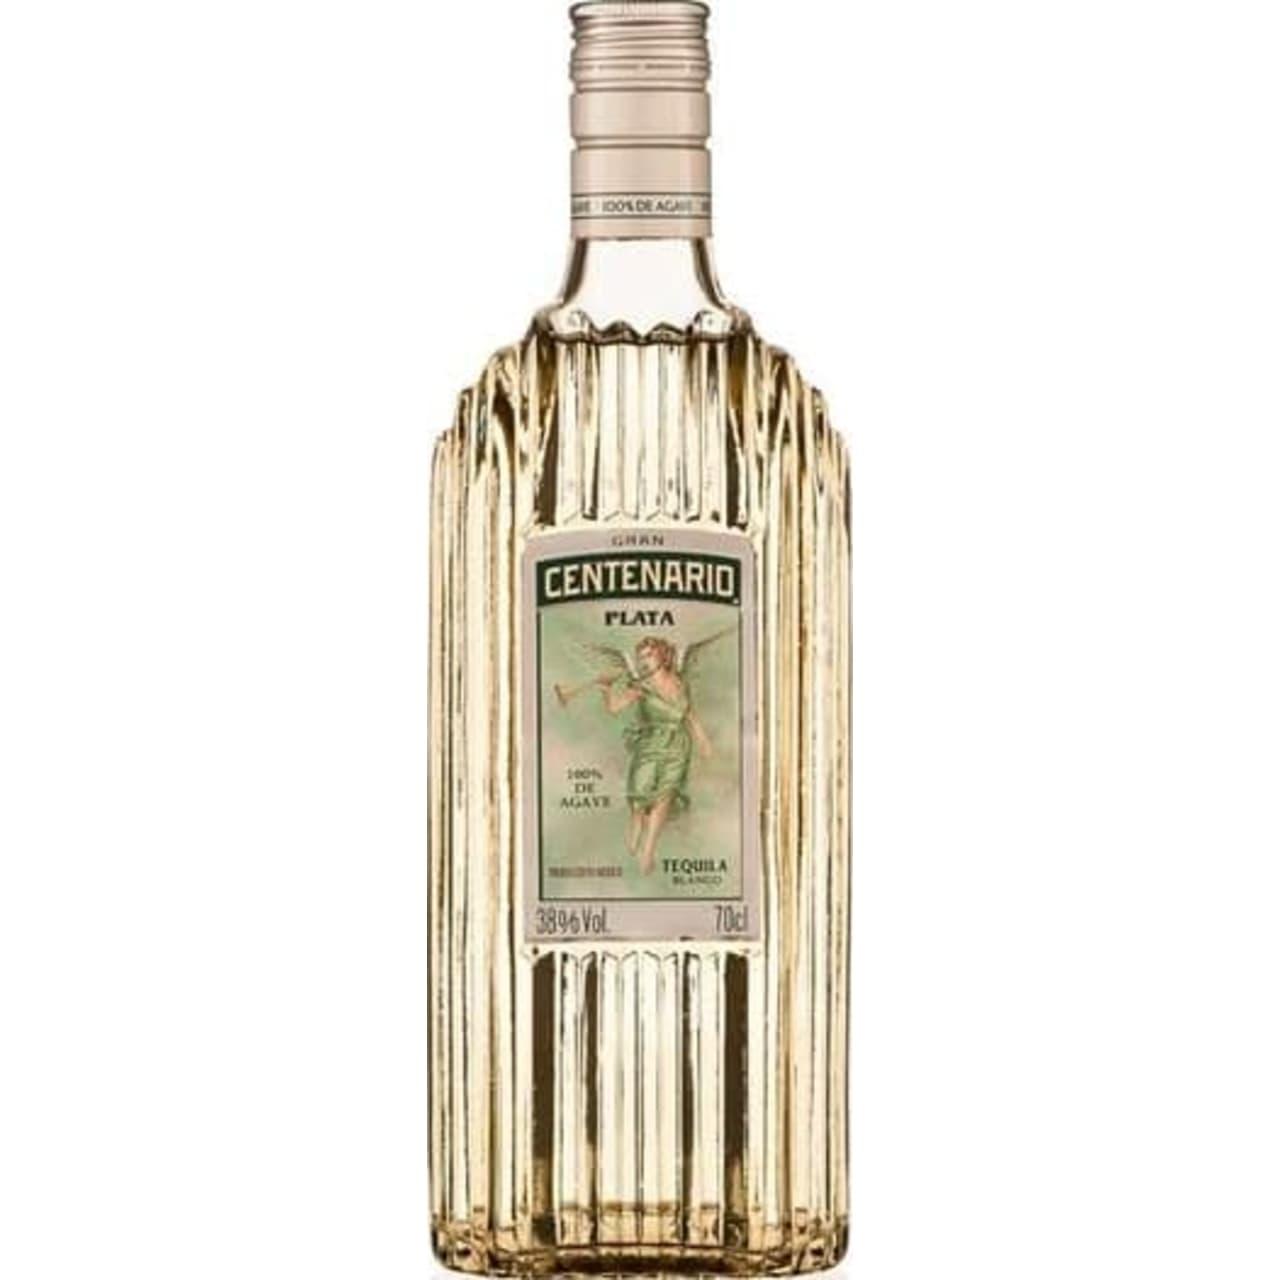 Product Image - Jose Cuervo Gran Centenario Plata Tequila